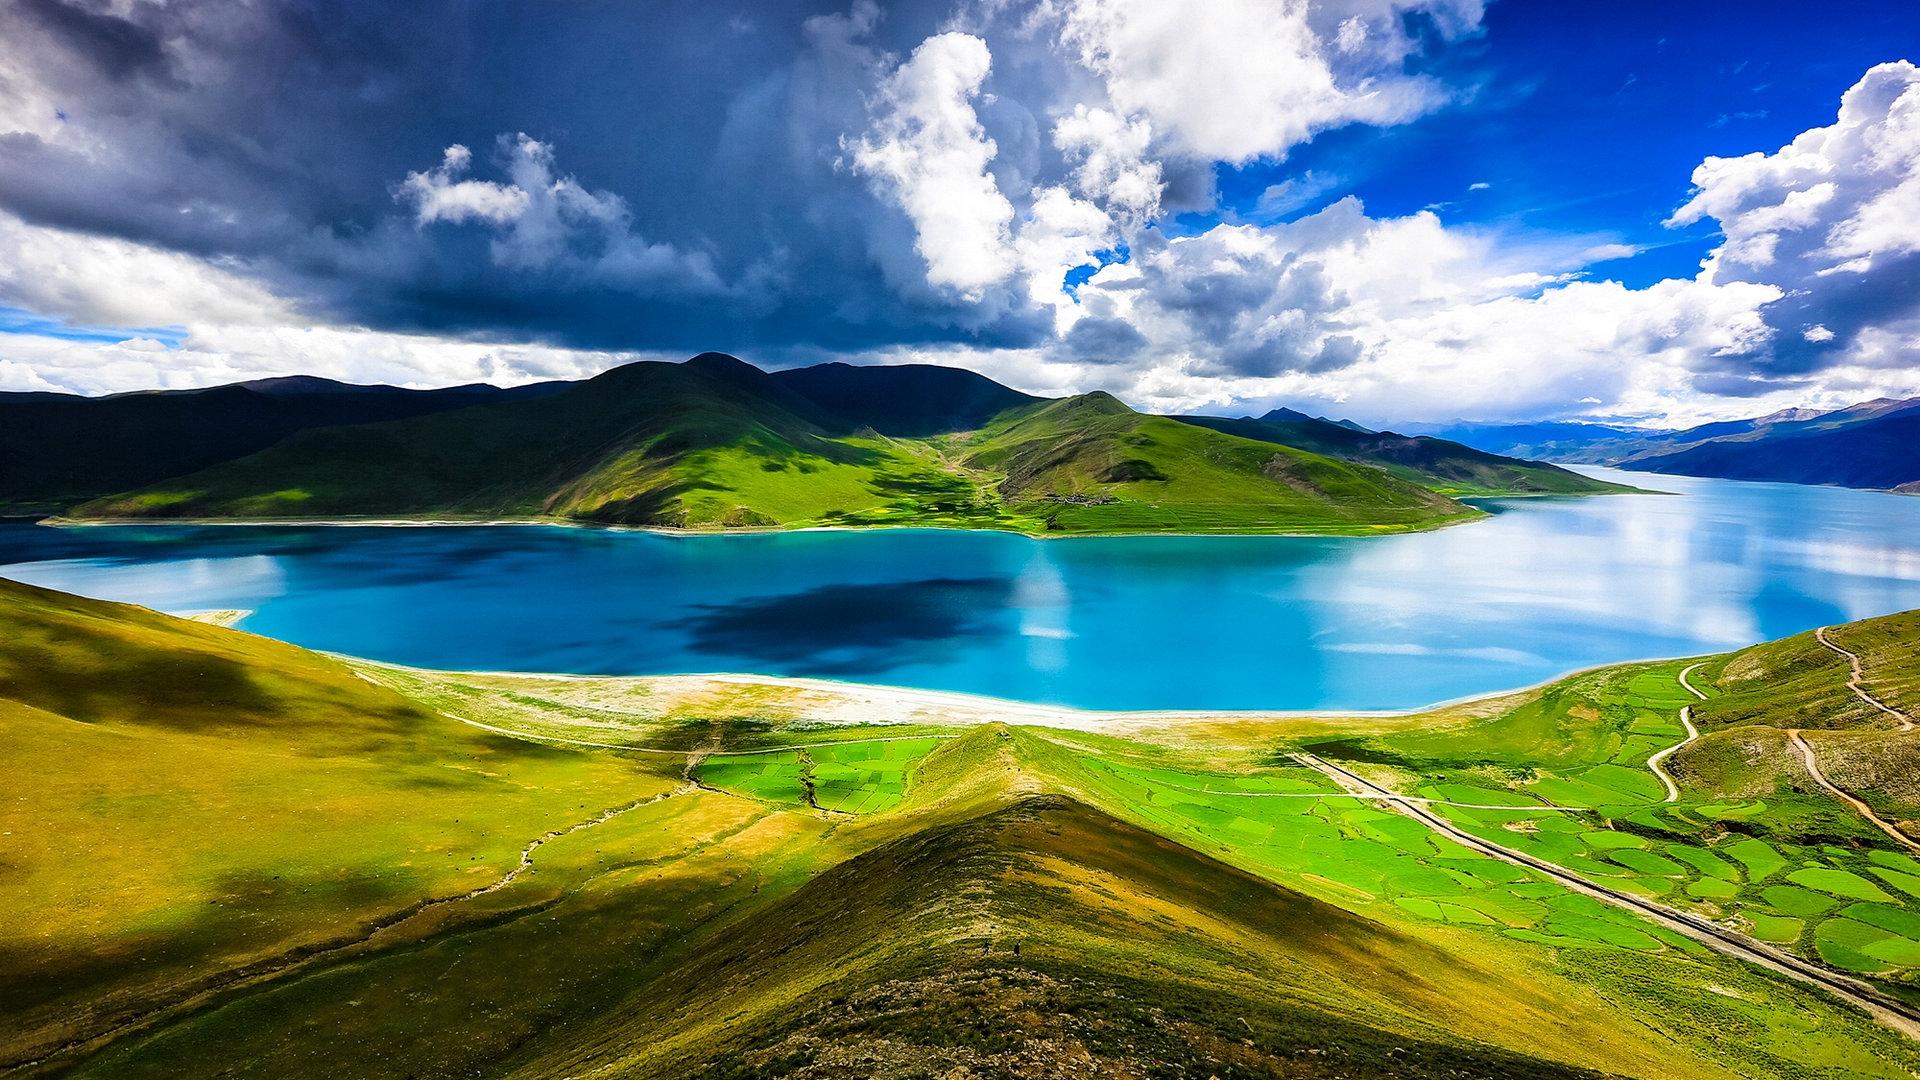 西藏高考政策